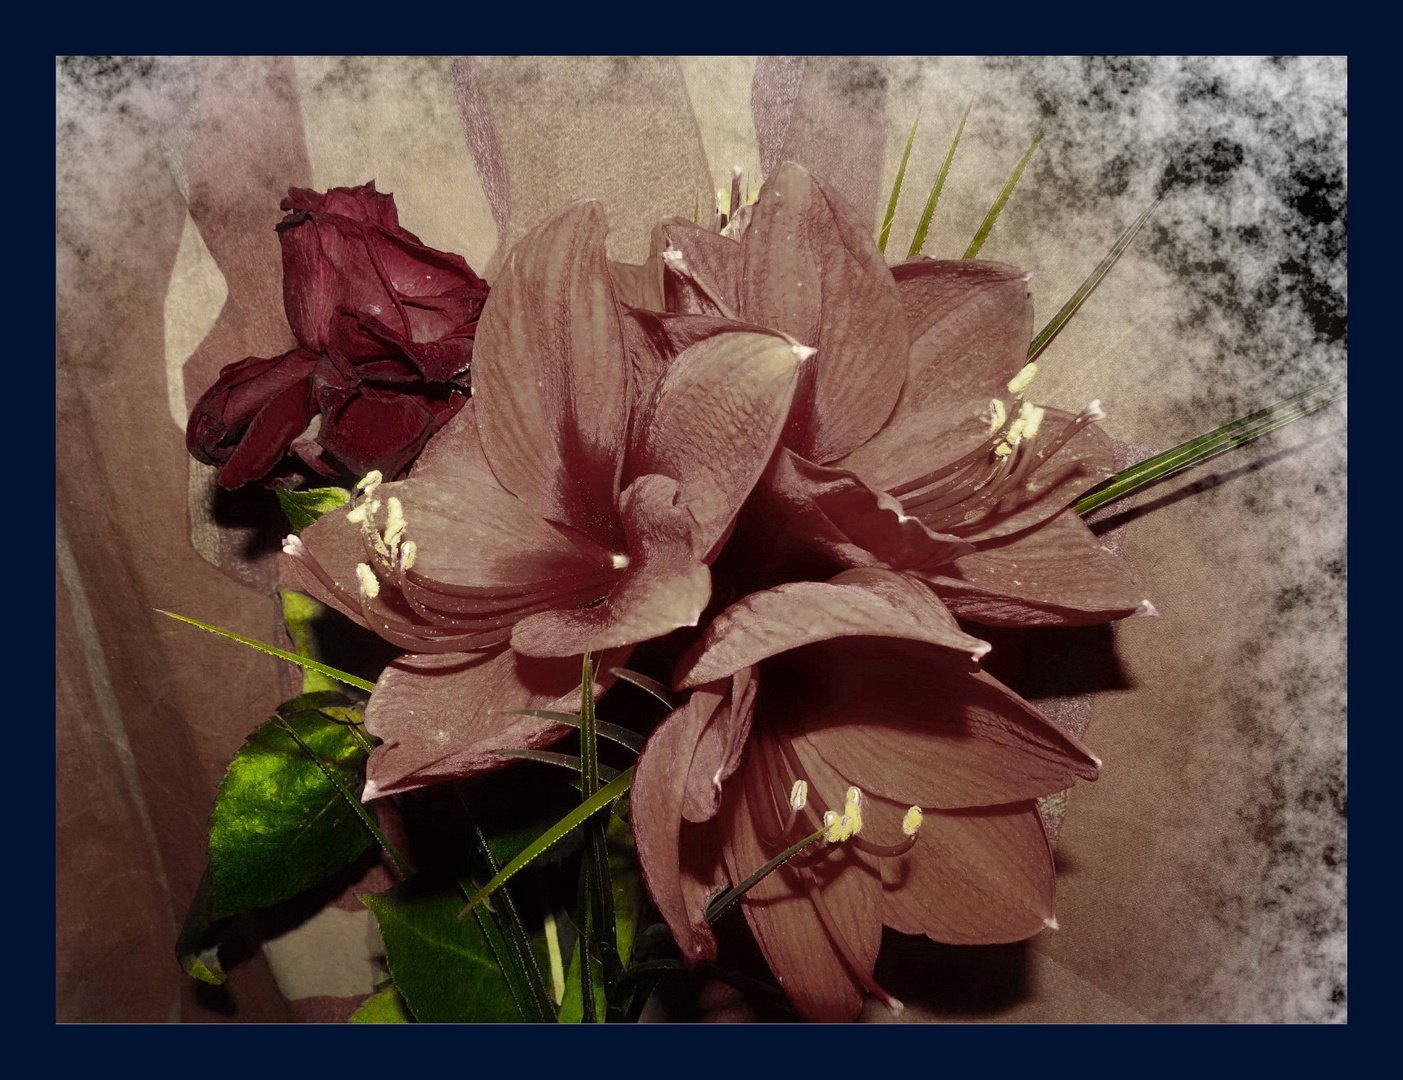 gemeinsam der Endlichkeit entgegen, eine Rose-drei Tulpen,